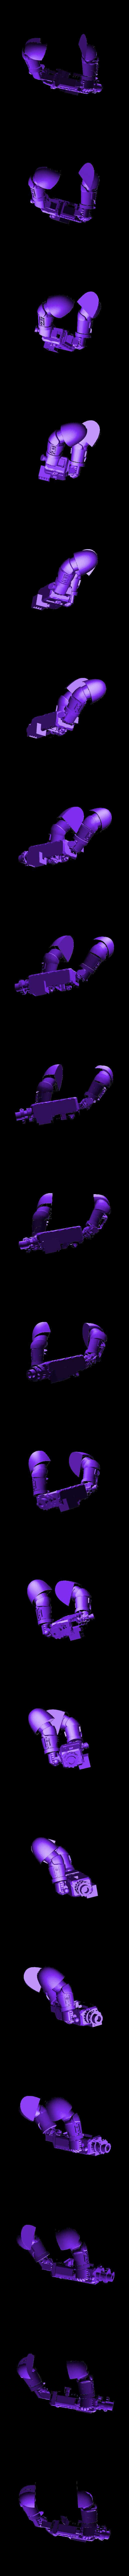 Psycannon.stl Télécharger fichier STL gratuit L'équipe des Chevaliers gris Primaris • Modèle pour imprimante 3D, joeldawson93